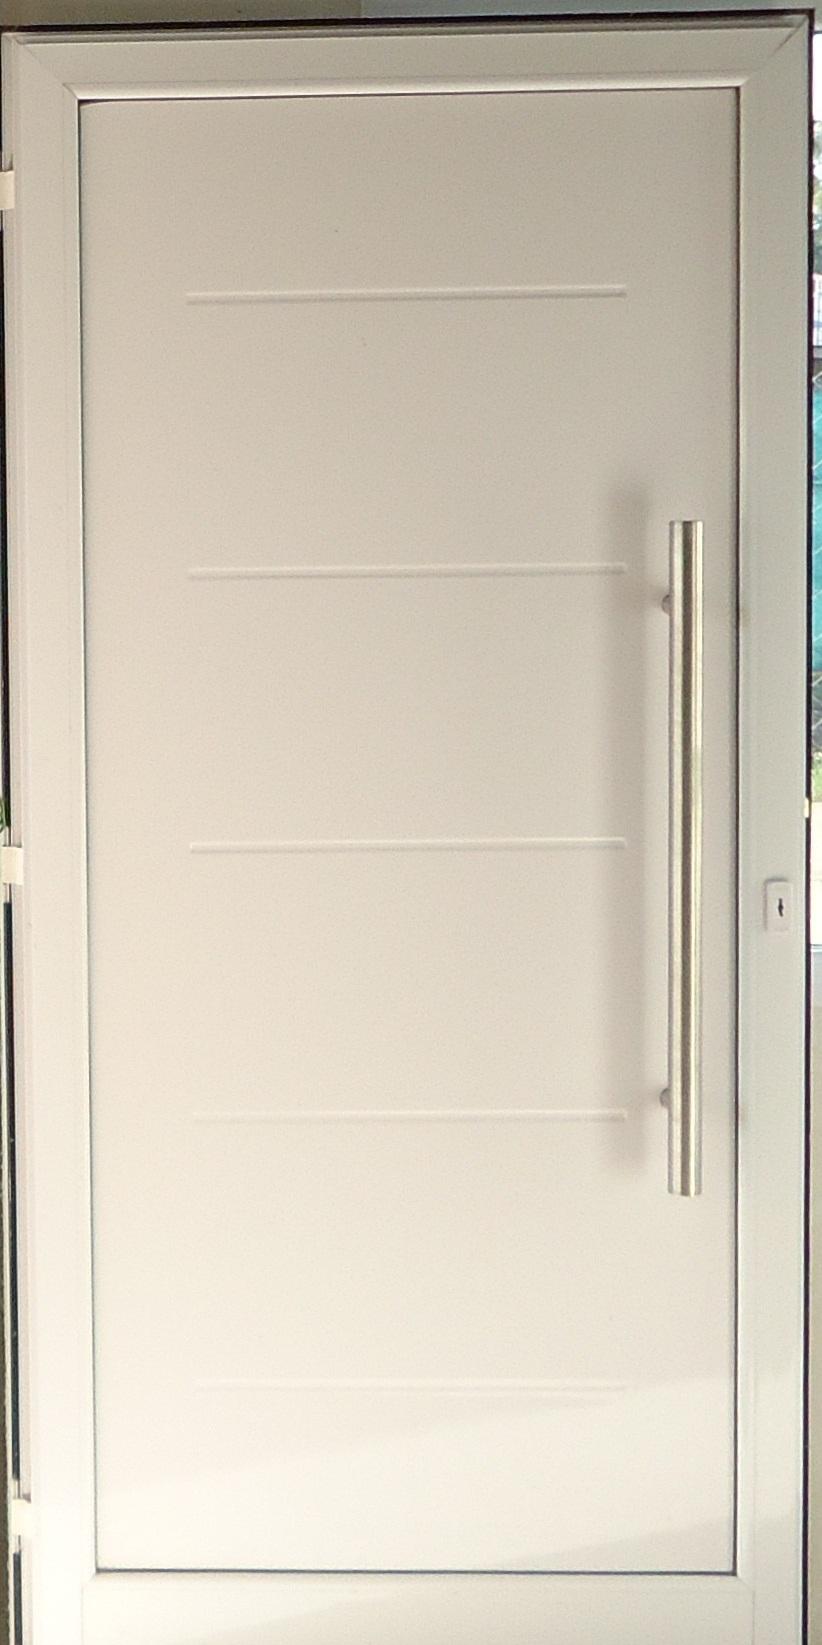 puerta con placa ranurada